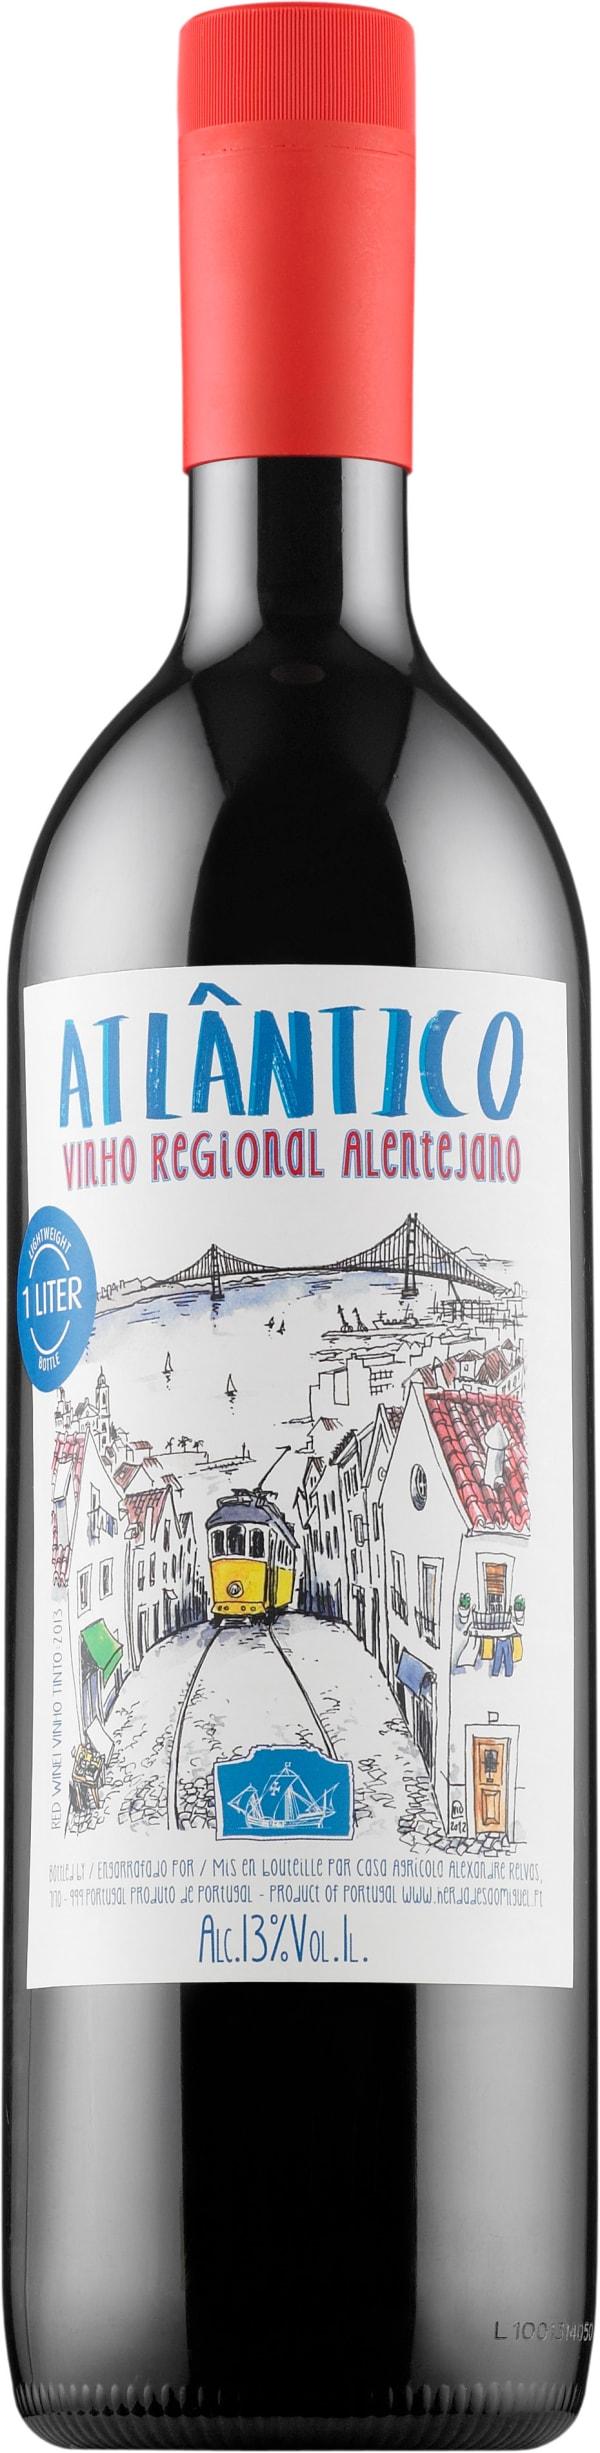 Atlântico 2017 plastic bottle